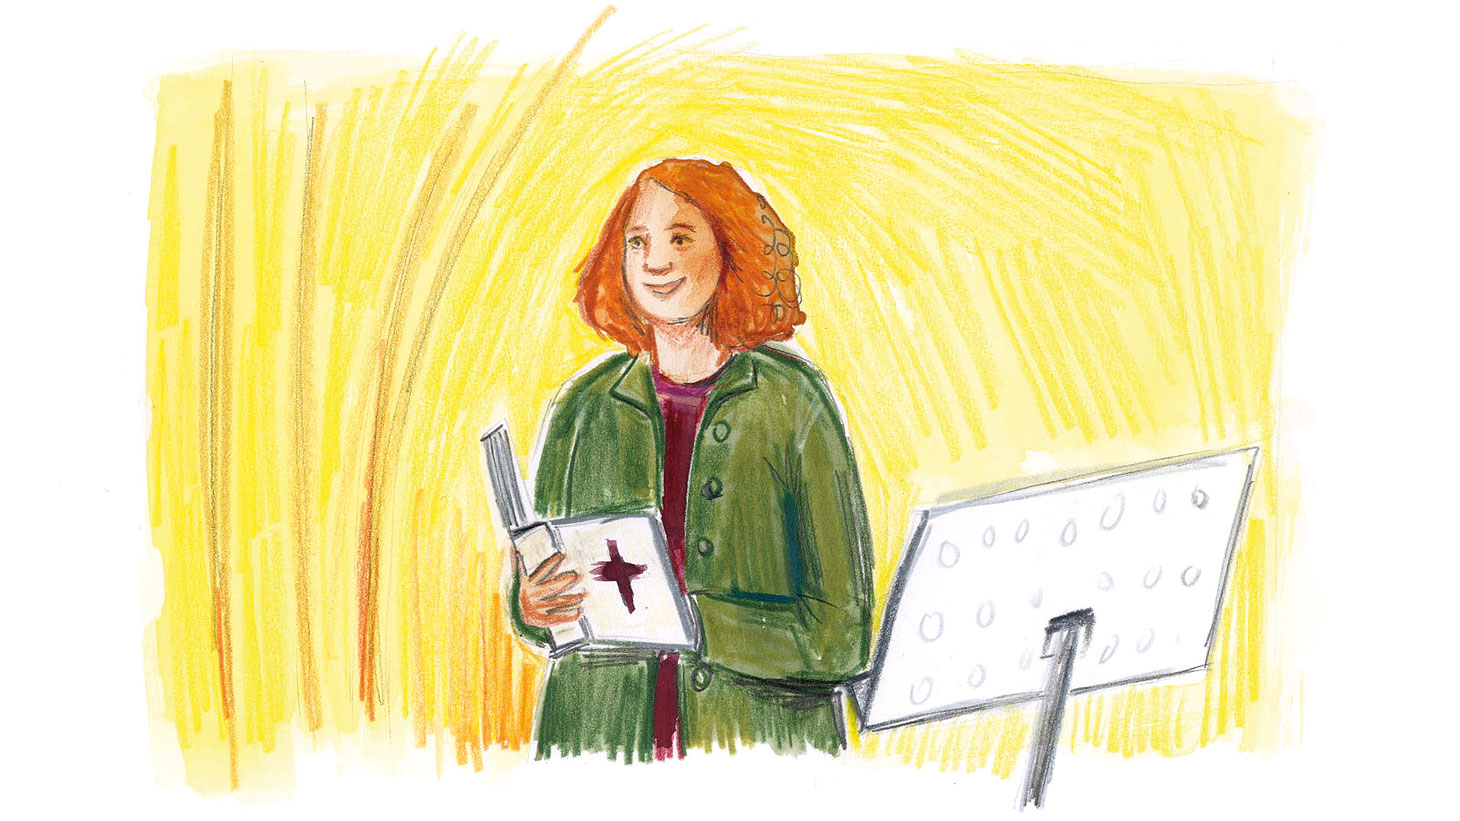 Illustration of pastor by Elisa Cunningham